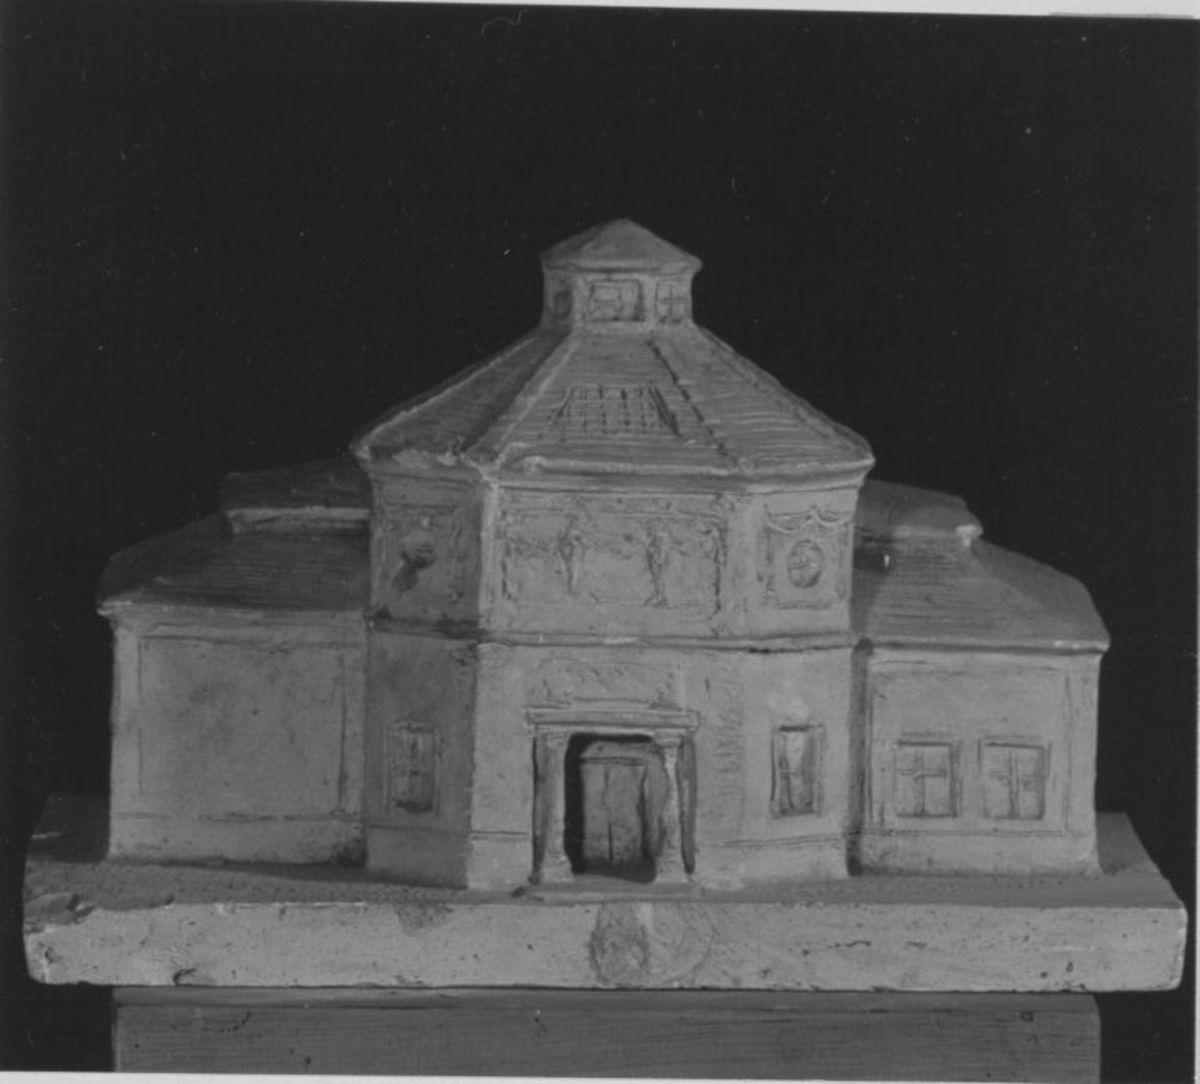 Modell für ein Hans von Marées-Museum in München